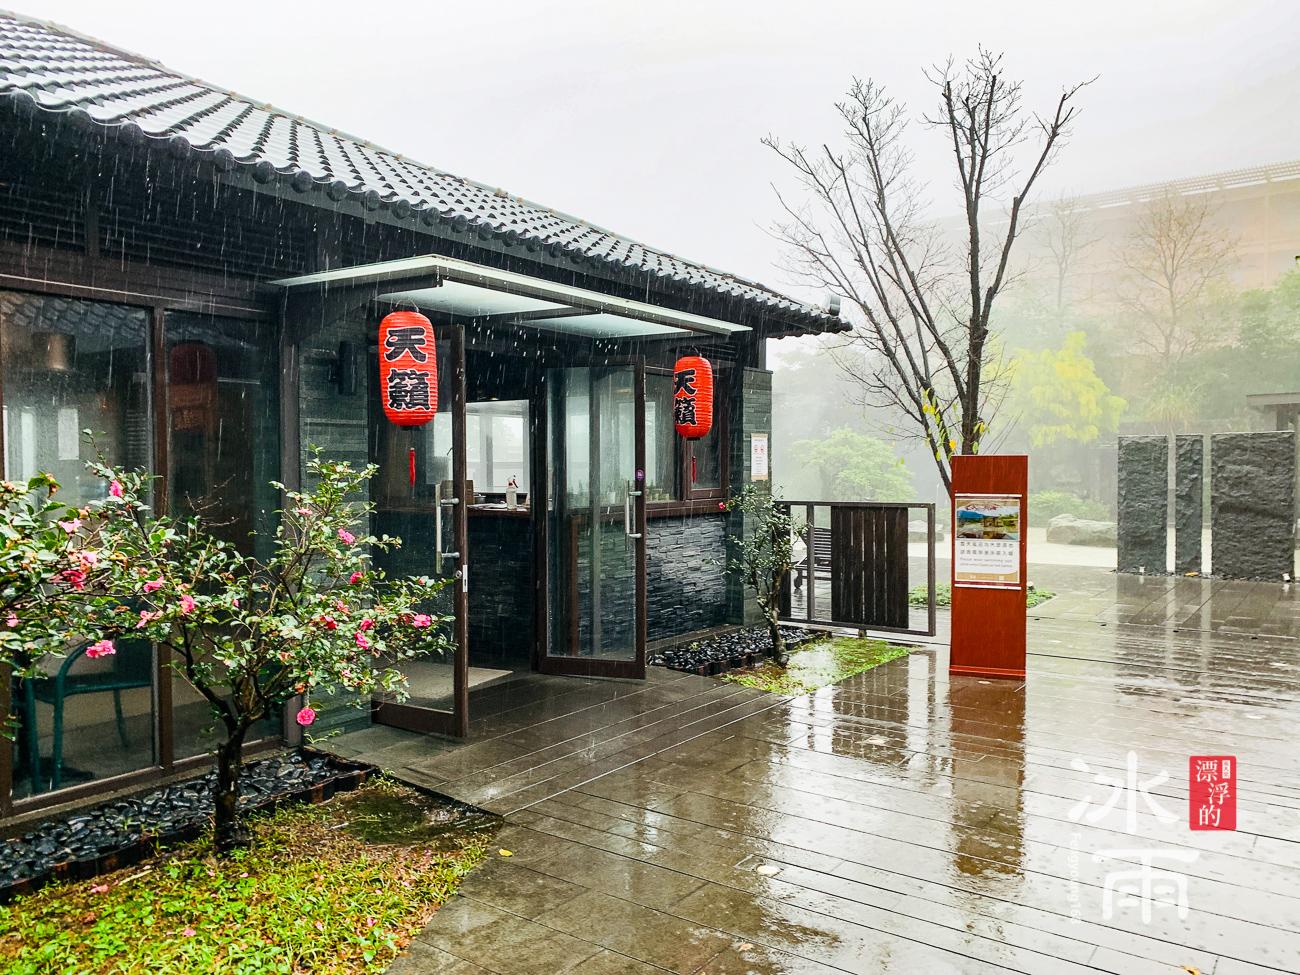 陽明山天籟溫泉會館|露天風呂路上